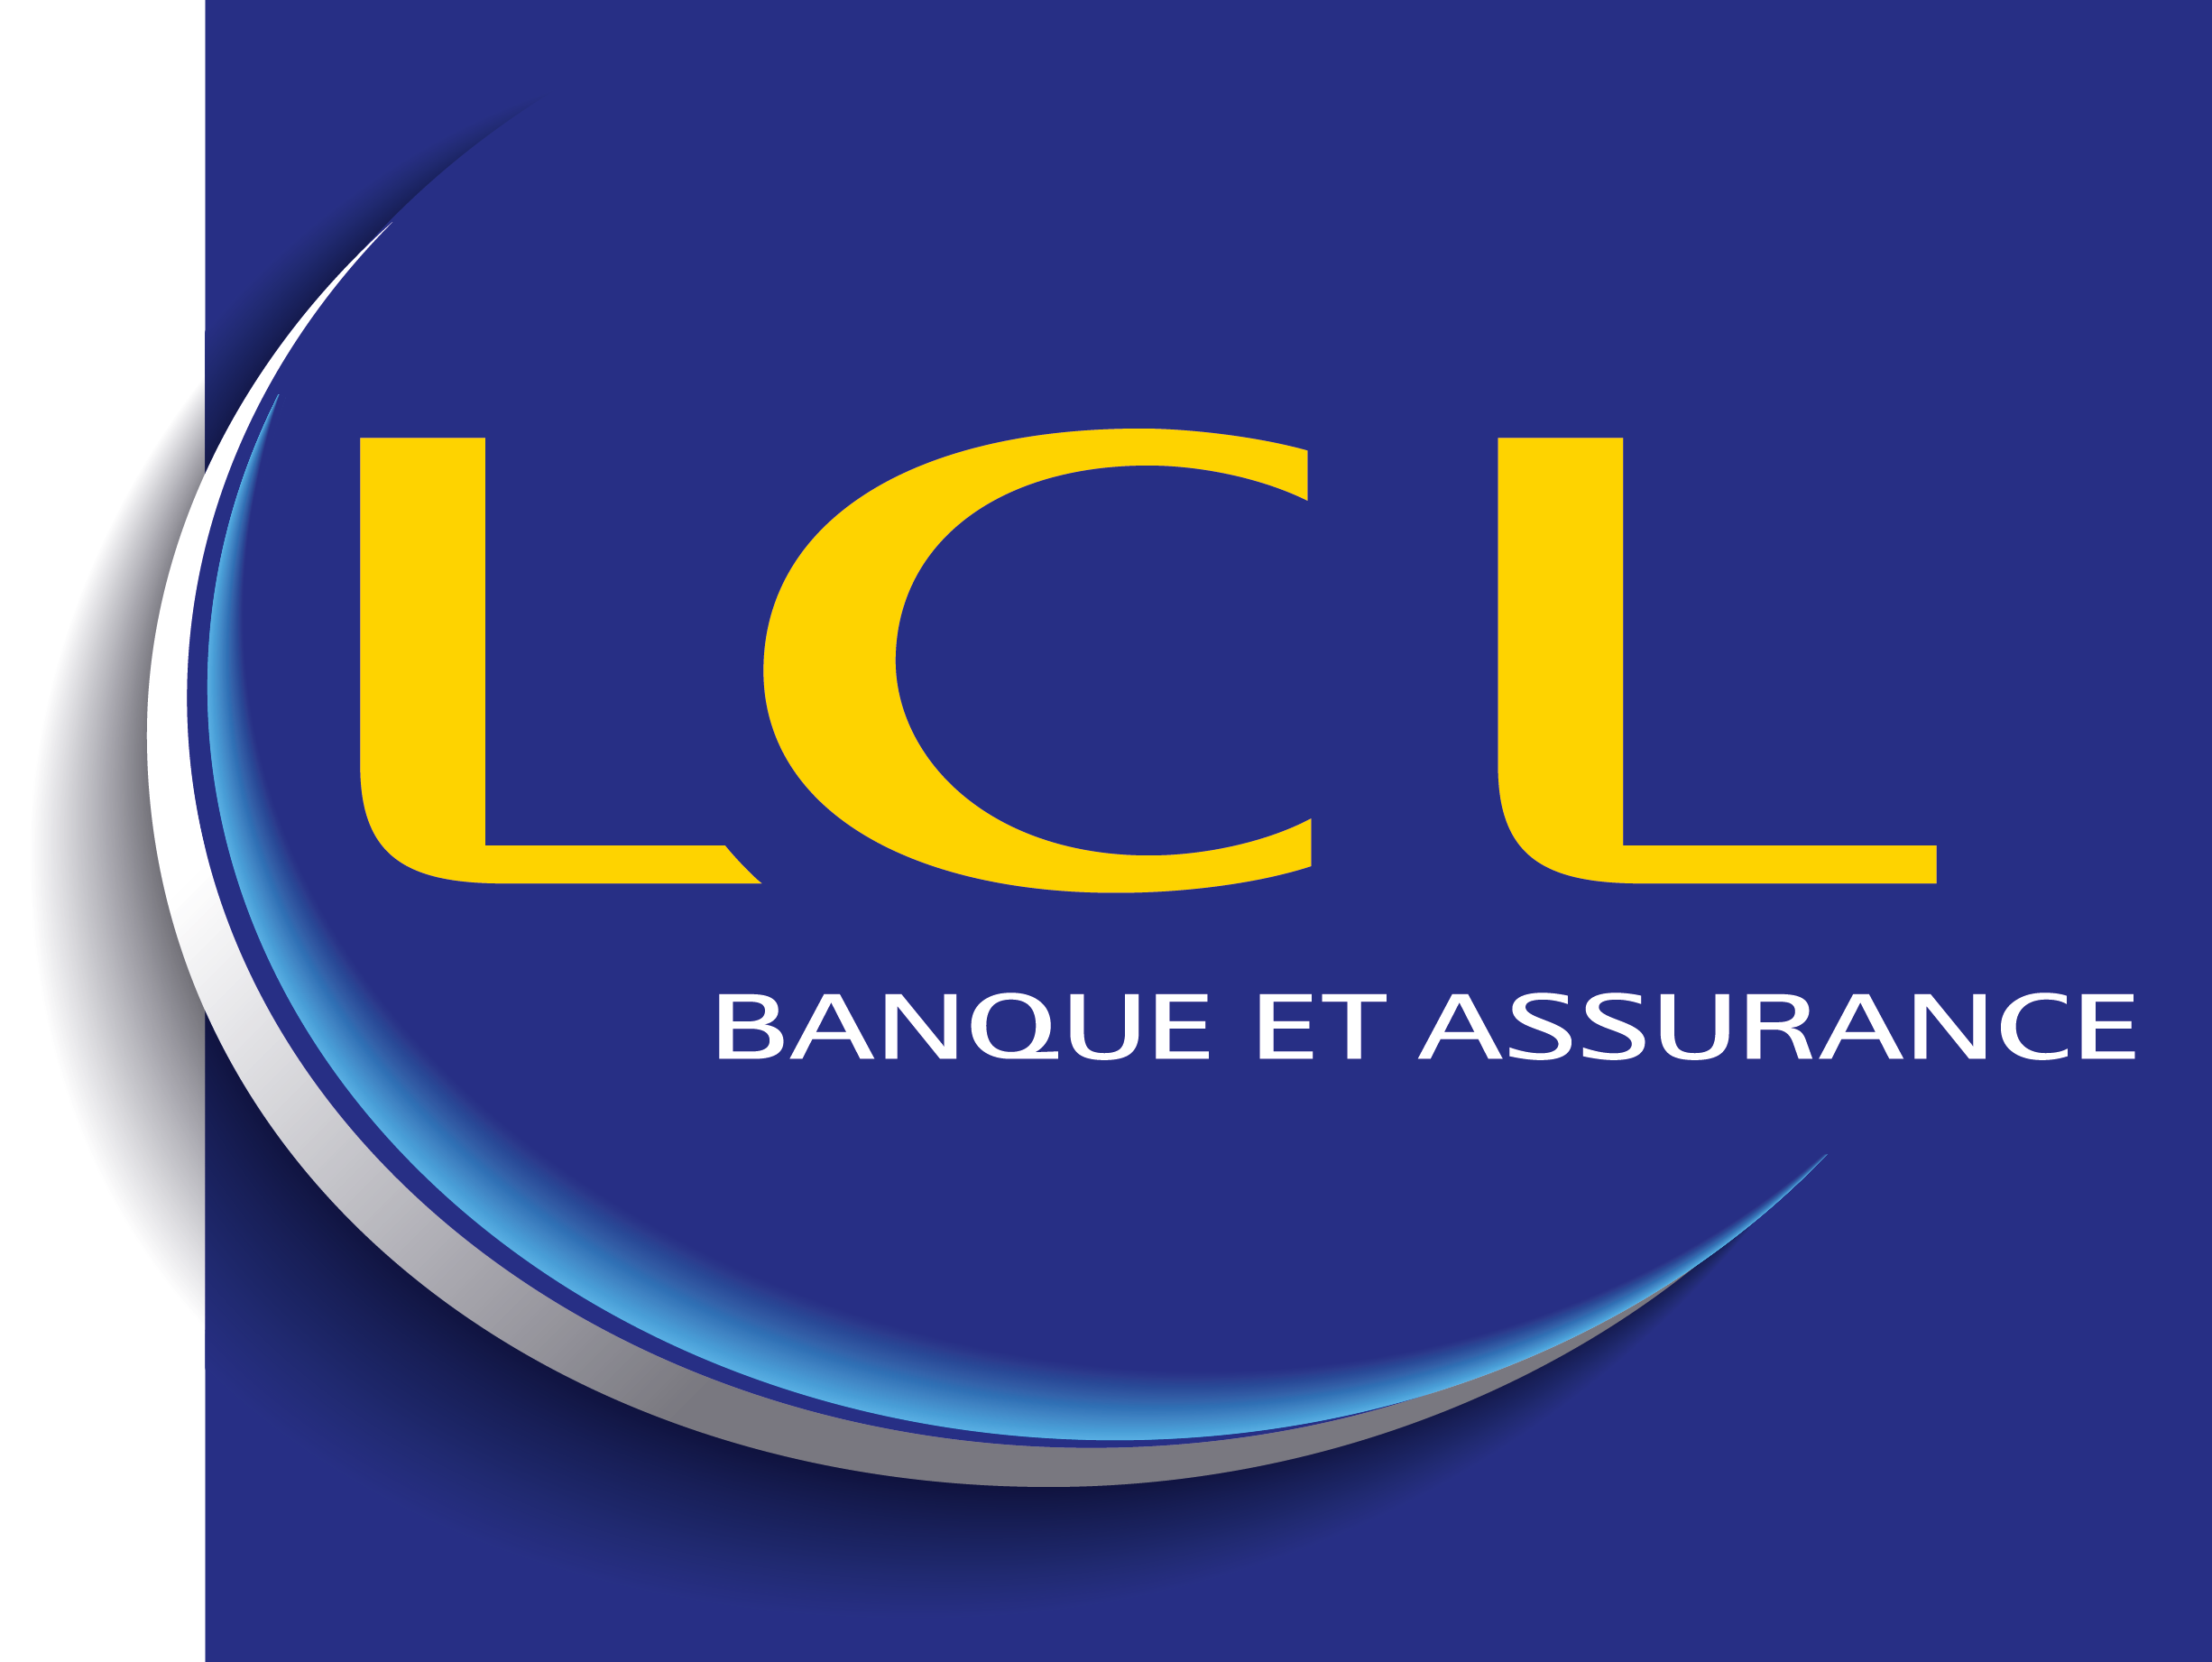 LCL BANQUE ET ASSURANCE